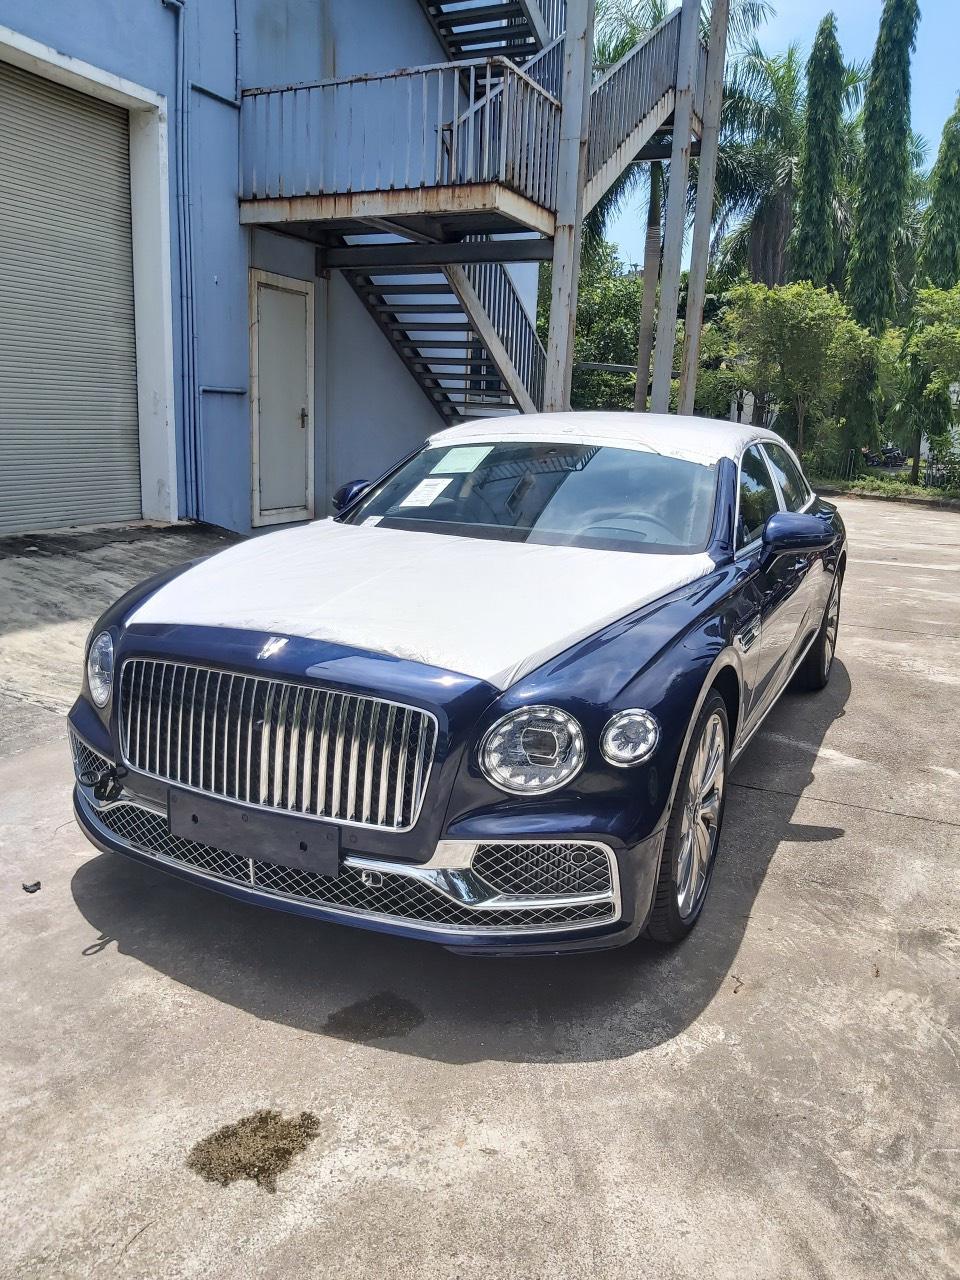 Chùm ảnh Bentley Flying Spur giá 30 tỷ, mới cập bến Việt Nam - Ảnh 1.